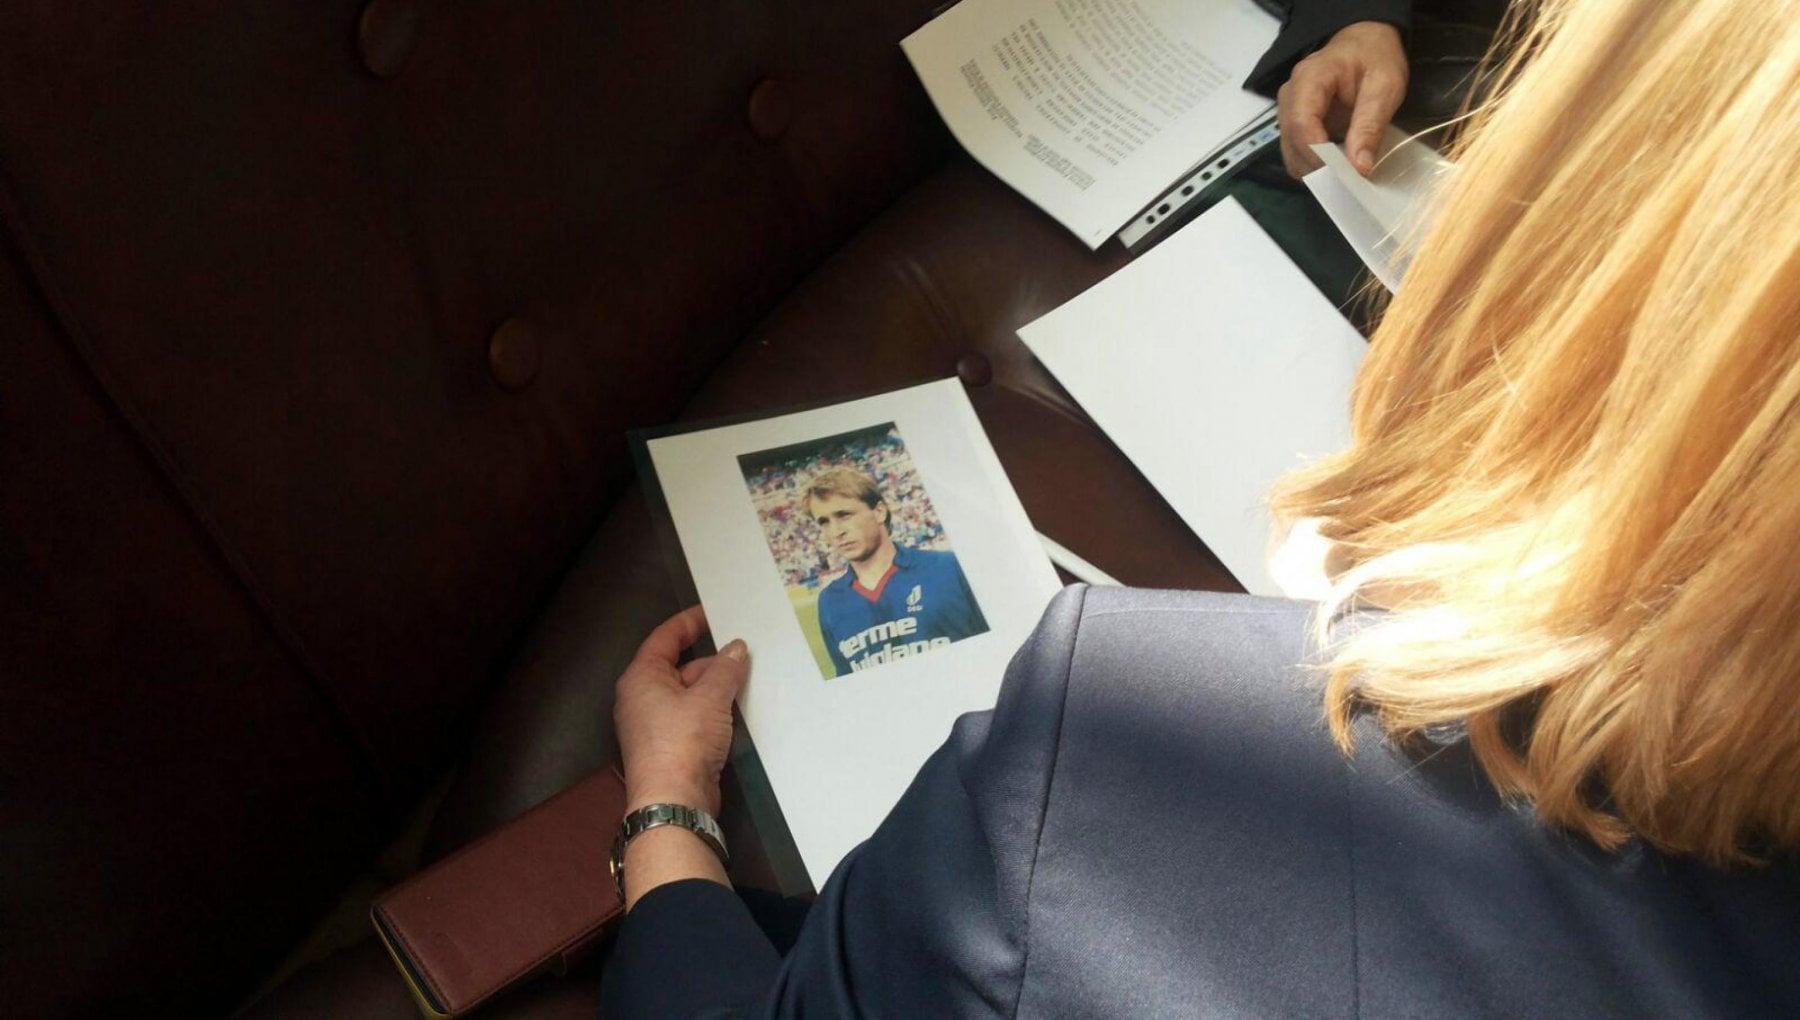 Caso Bergamini, ex calciatore del Cosenza: la fidanzata rinviata a giudizio con l'accusa di omicidio